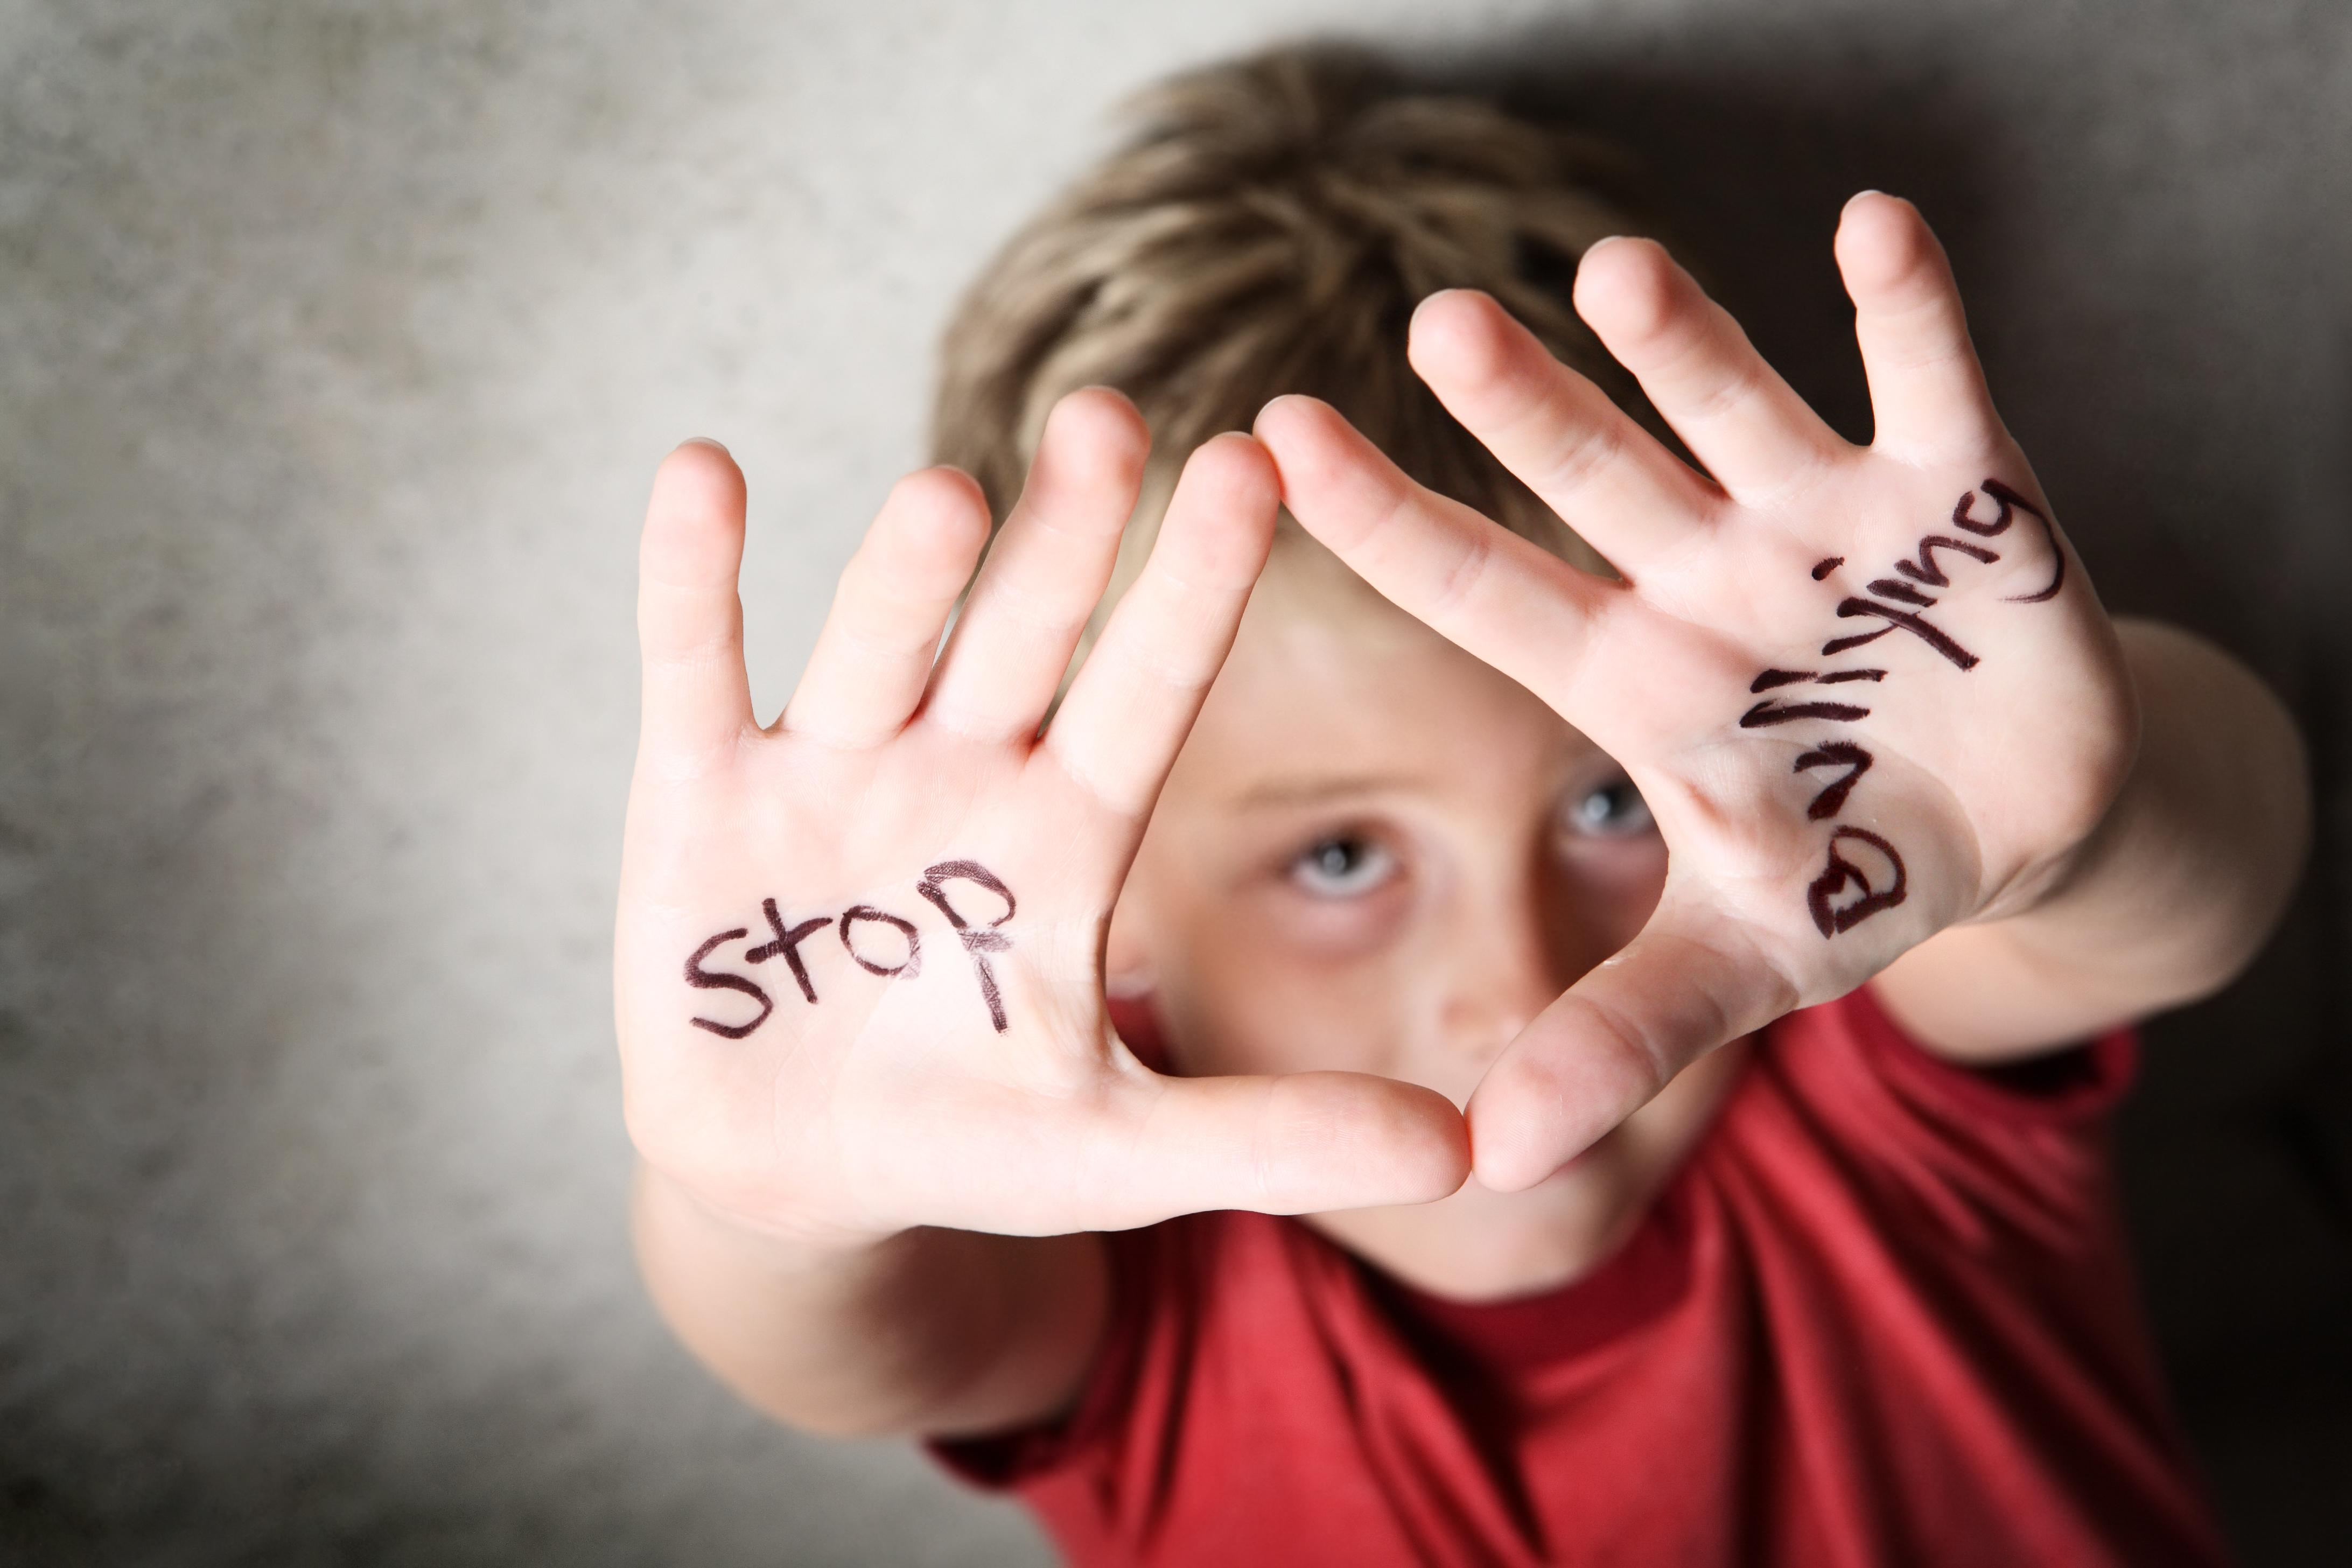 Насилие в школе в картинках